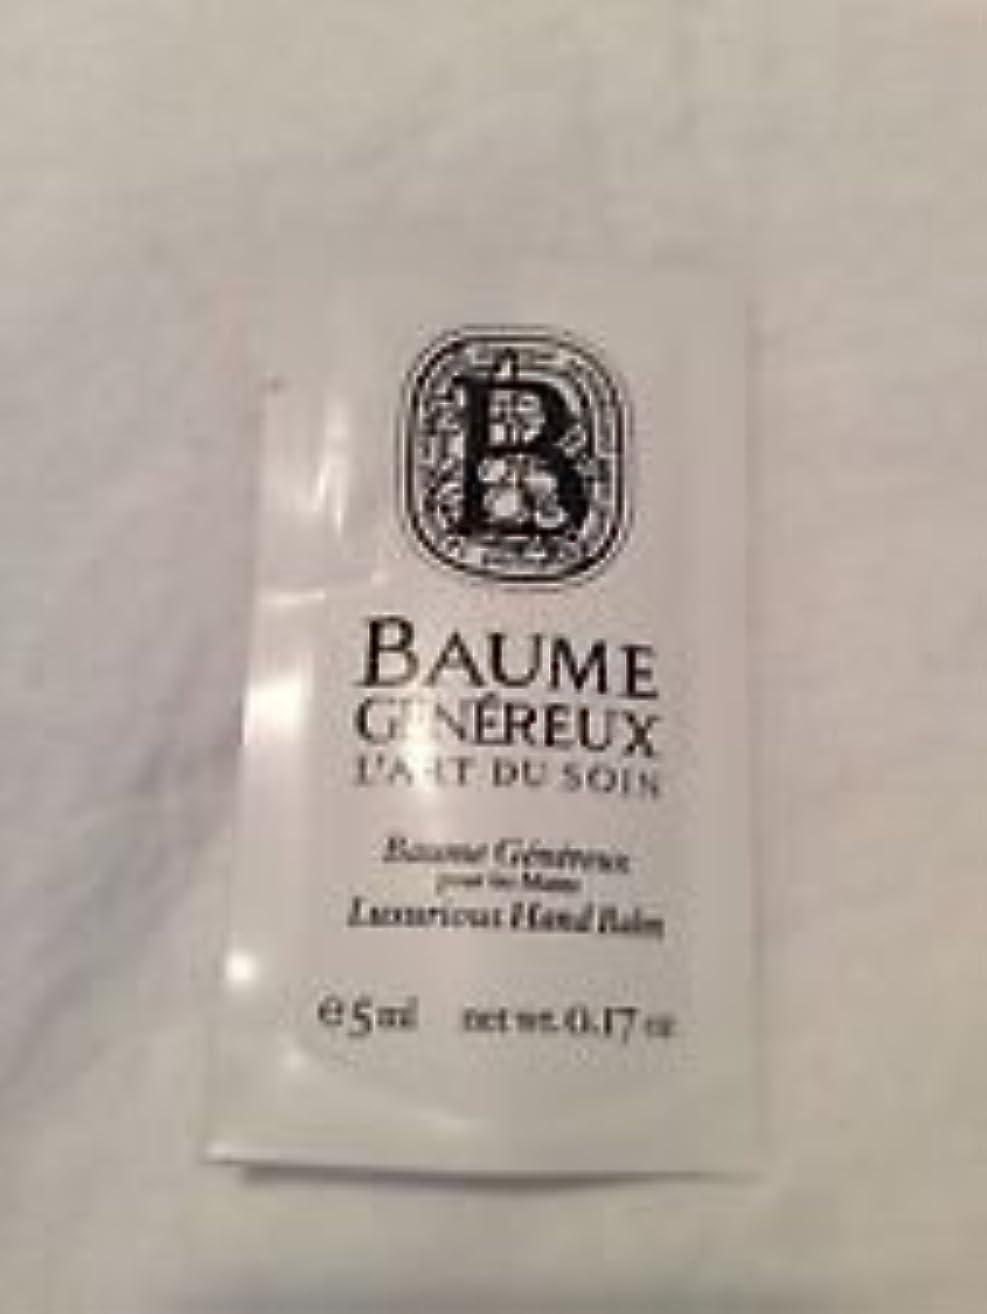 と闘う致命的な無視できるDiptyque Baume Genereux (ディプティック ボーム ジェネリュク) 0.17 oz (5ml) ハンドバルム サンプル for Women